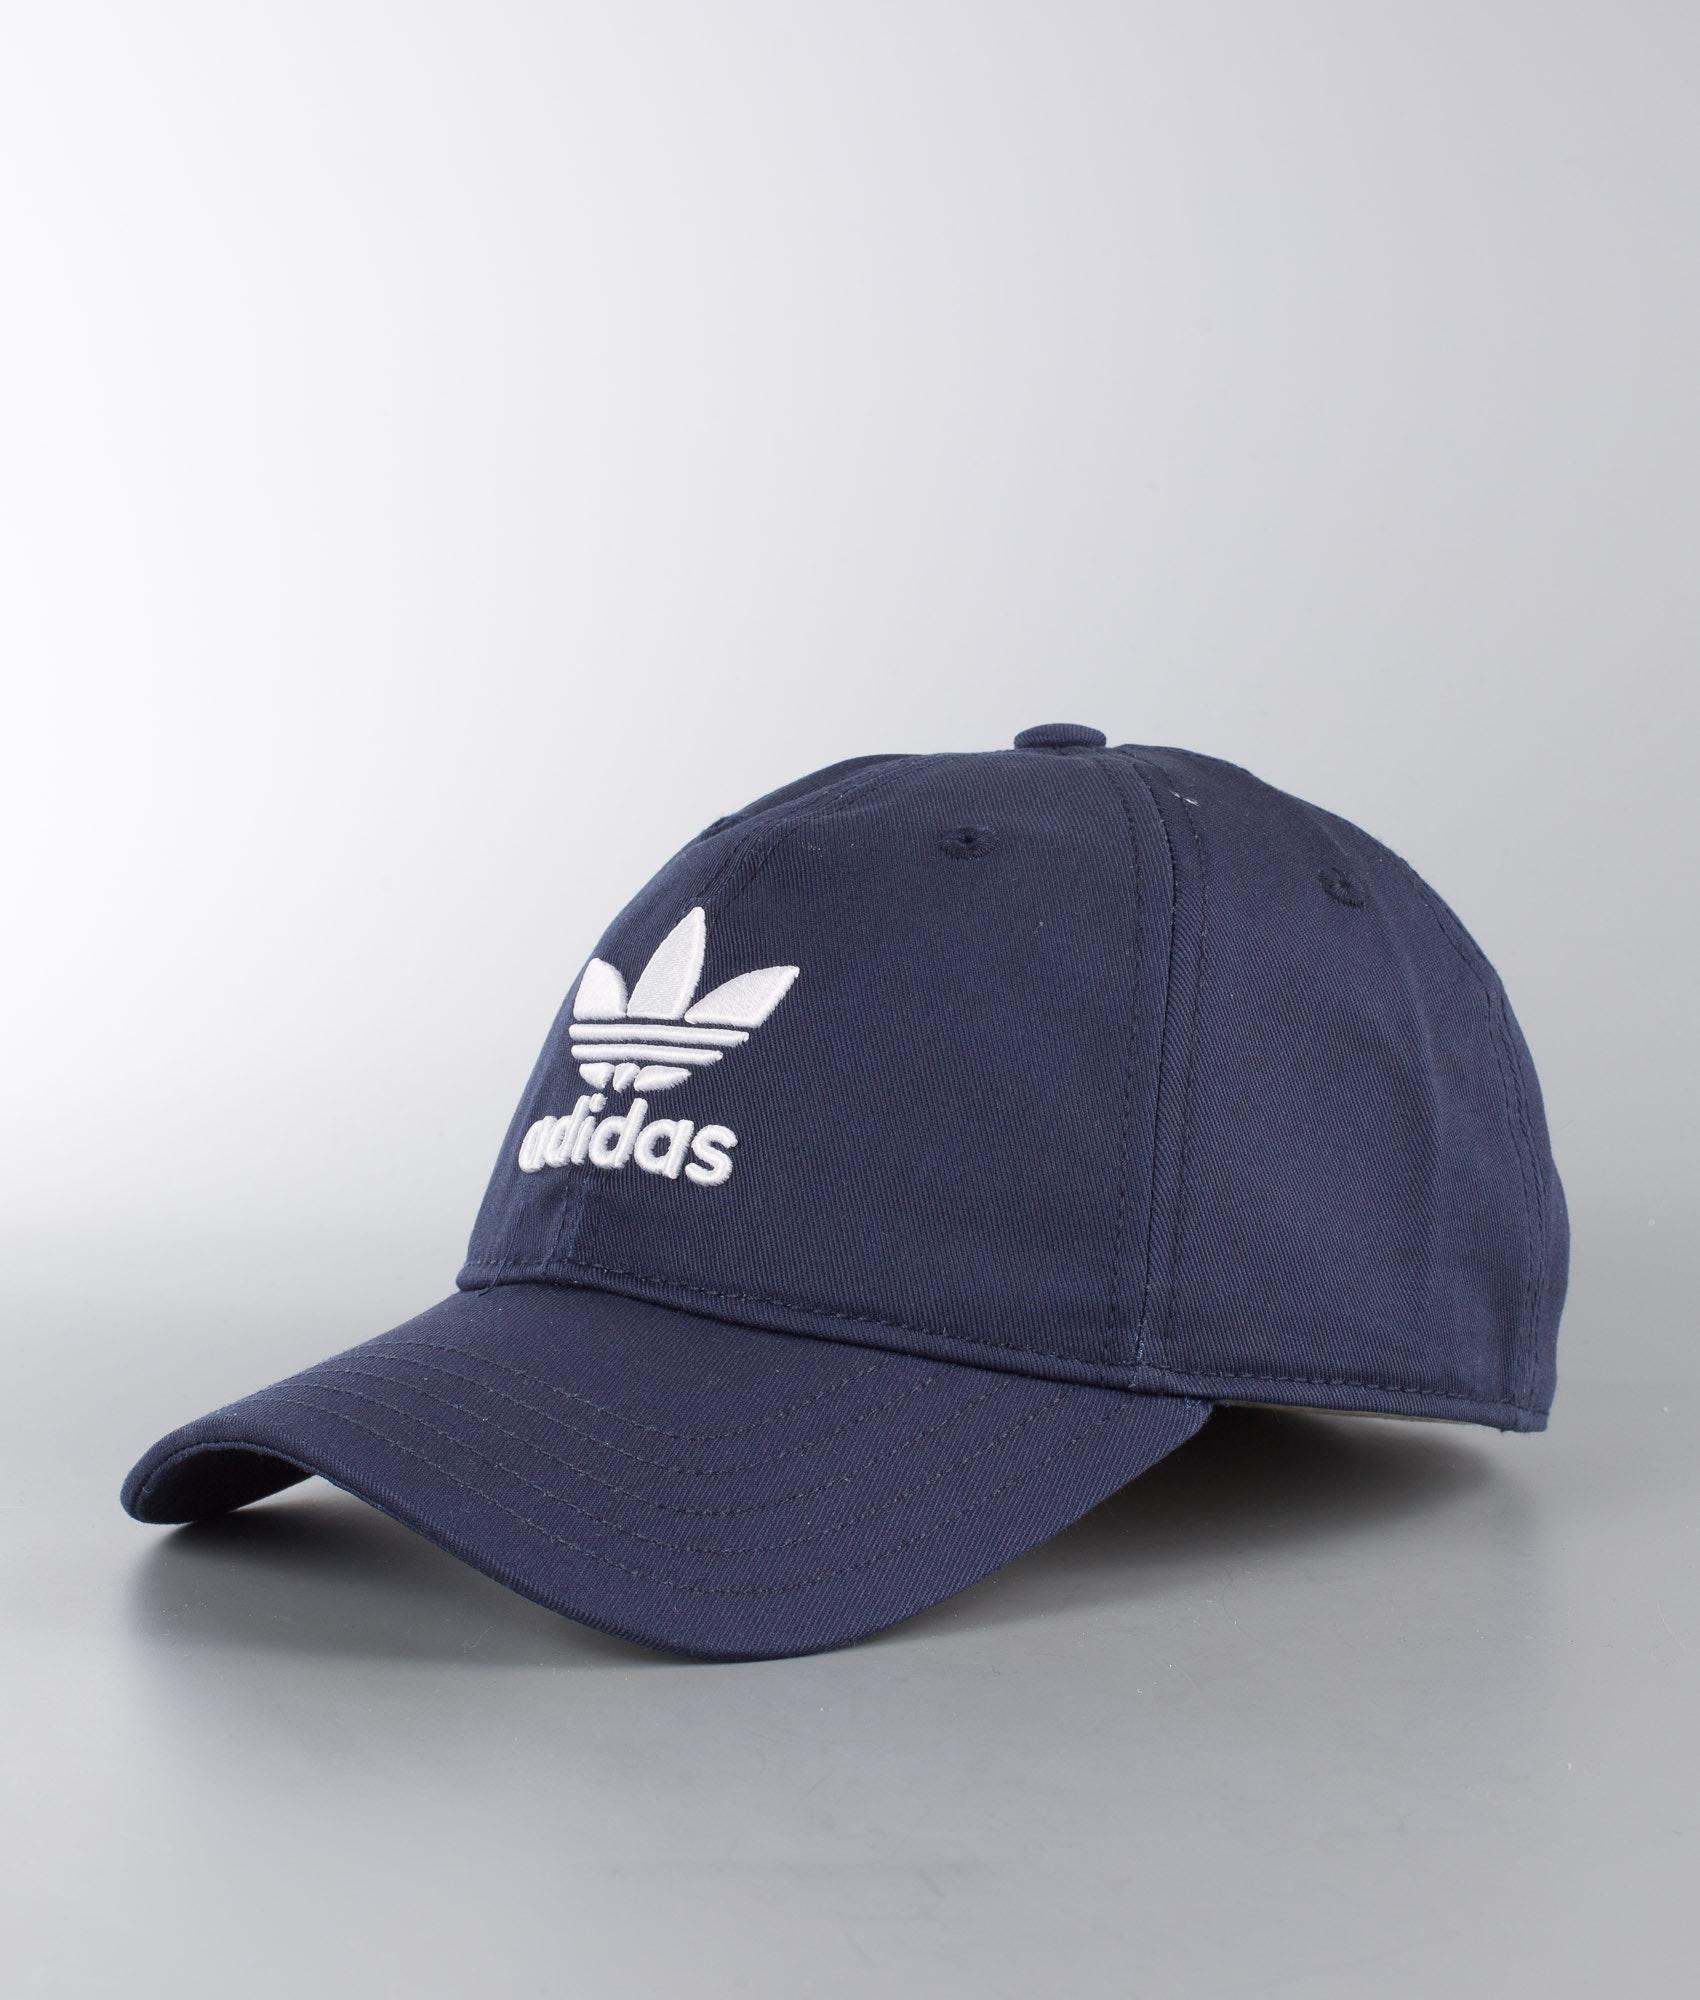 Adidas Originals Trefoil Cap Collegiate Navy White Ridestore Com